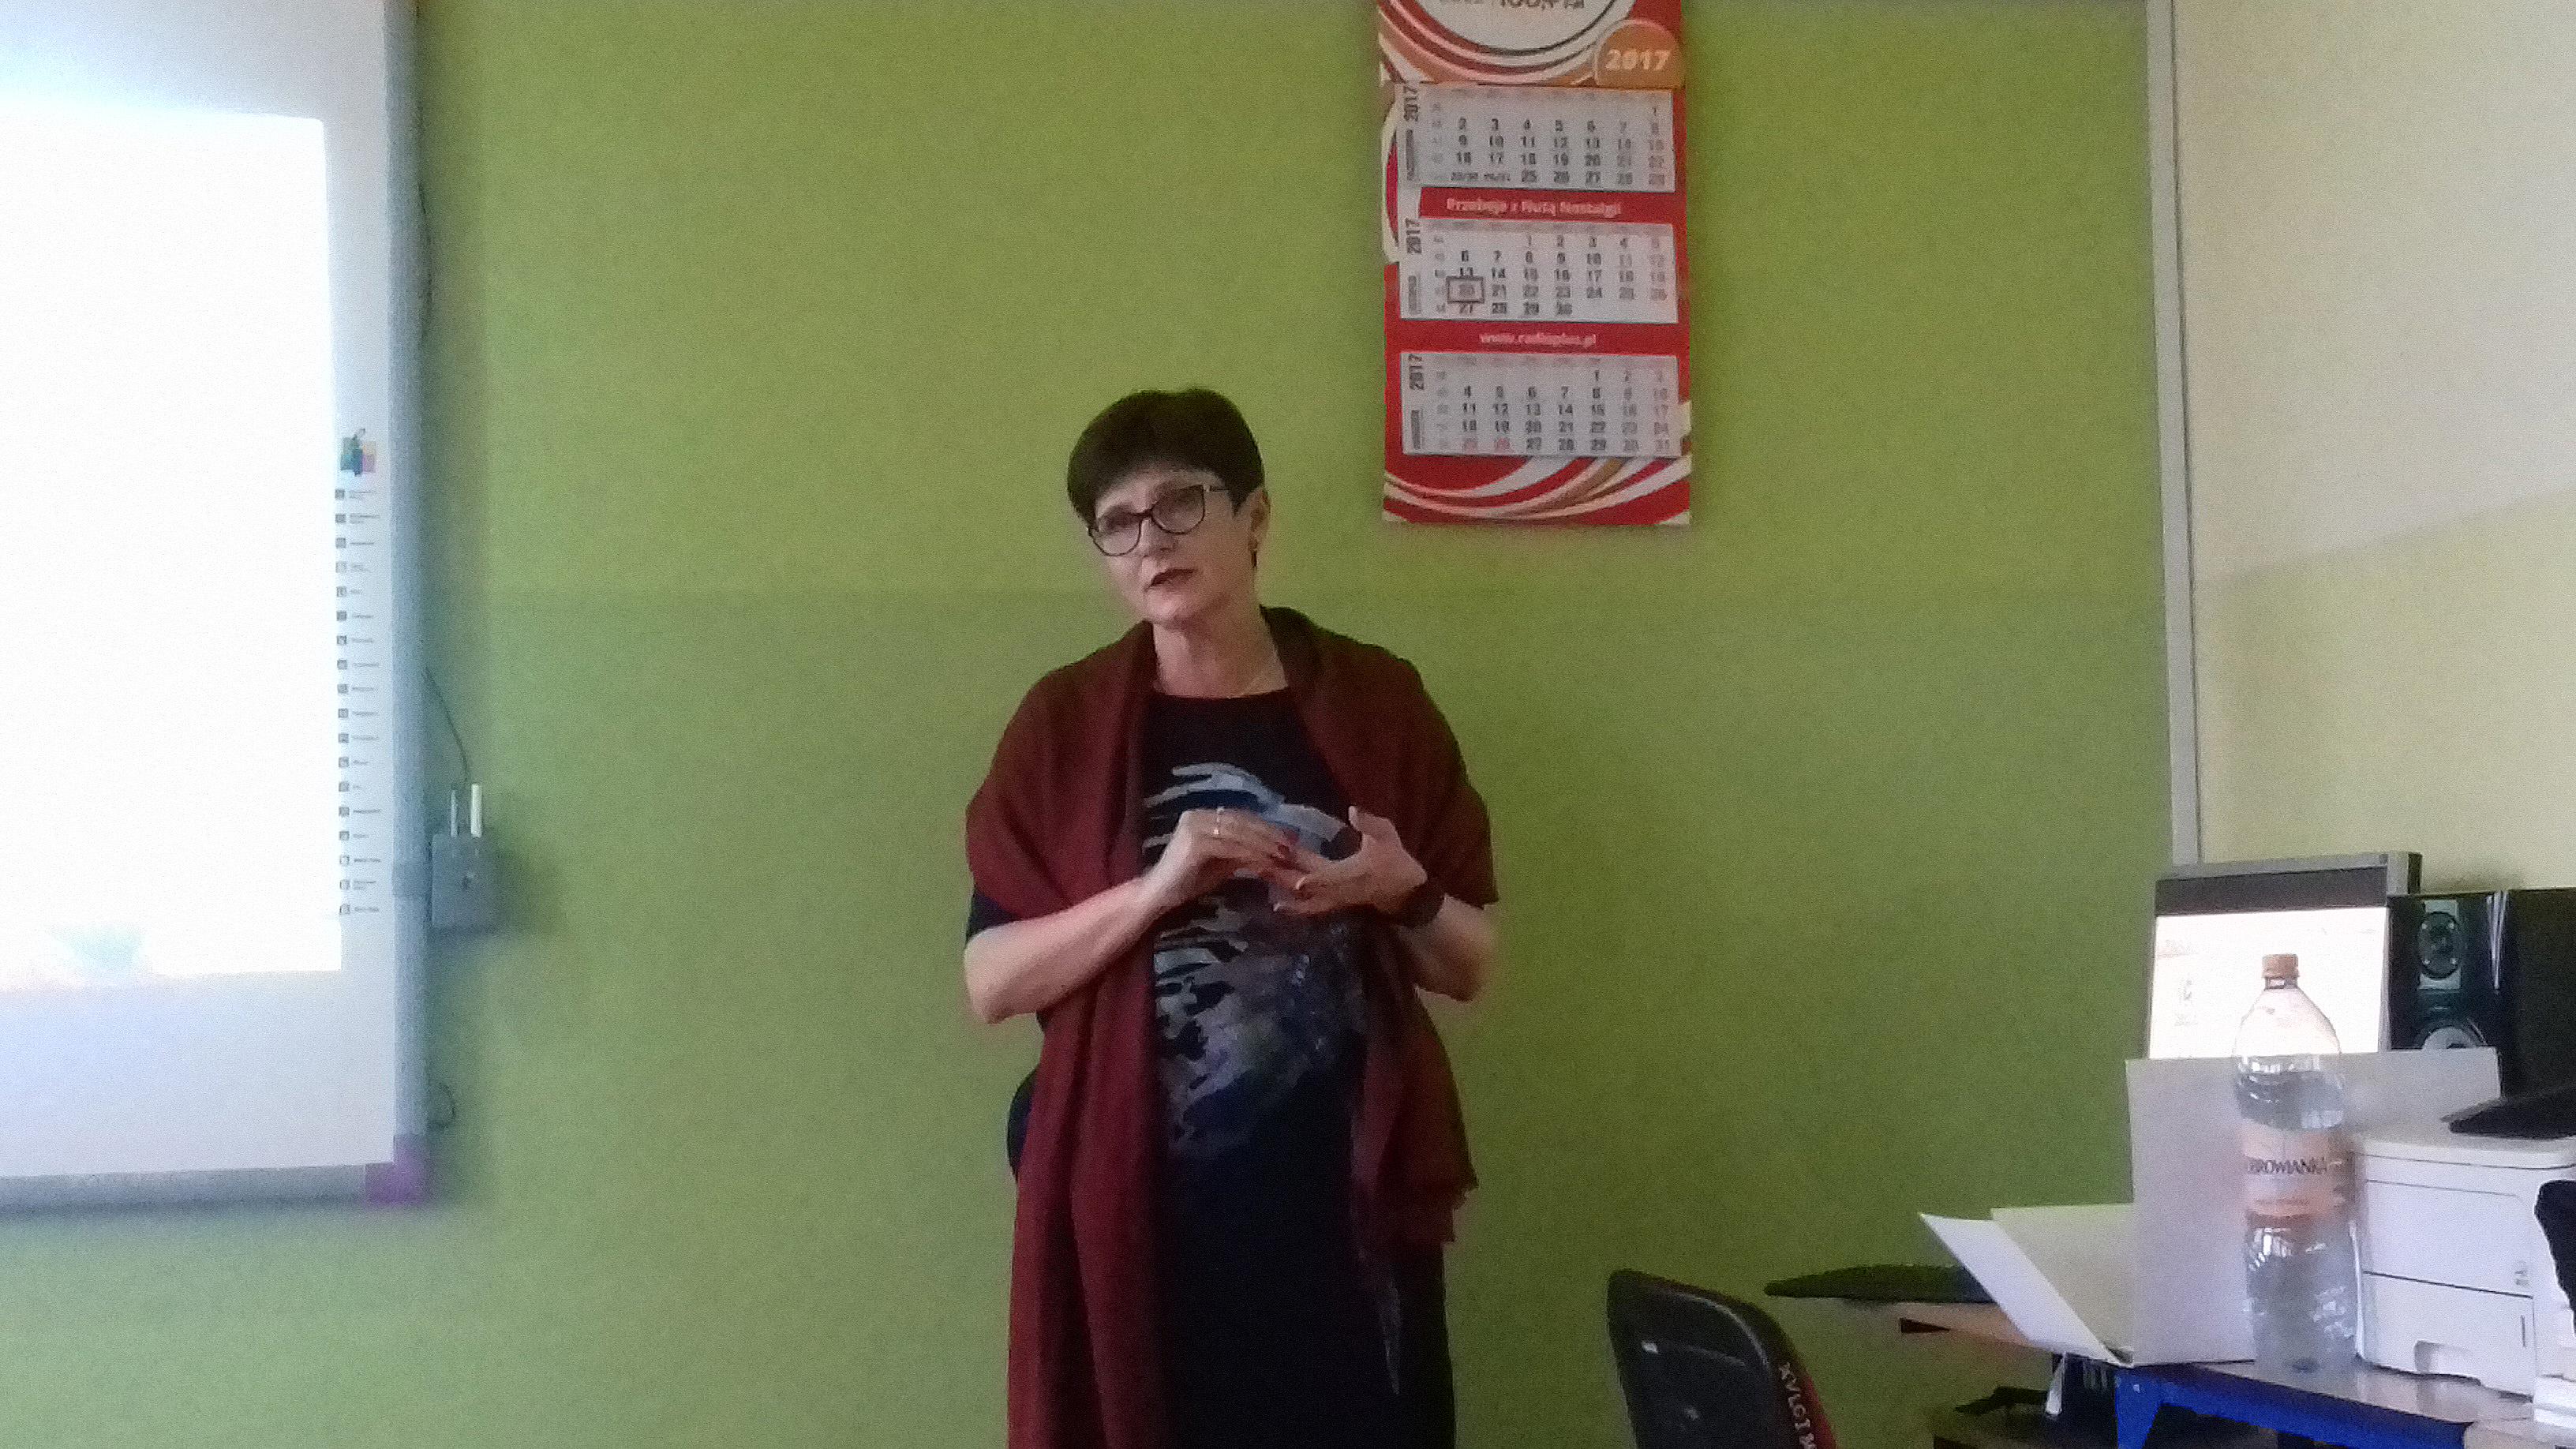 Monika Koszynska